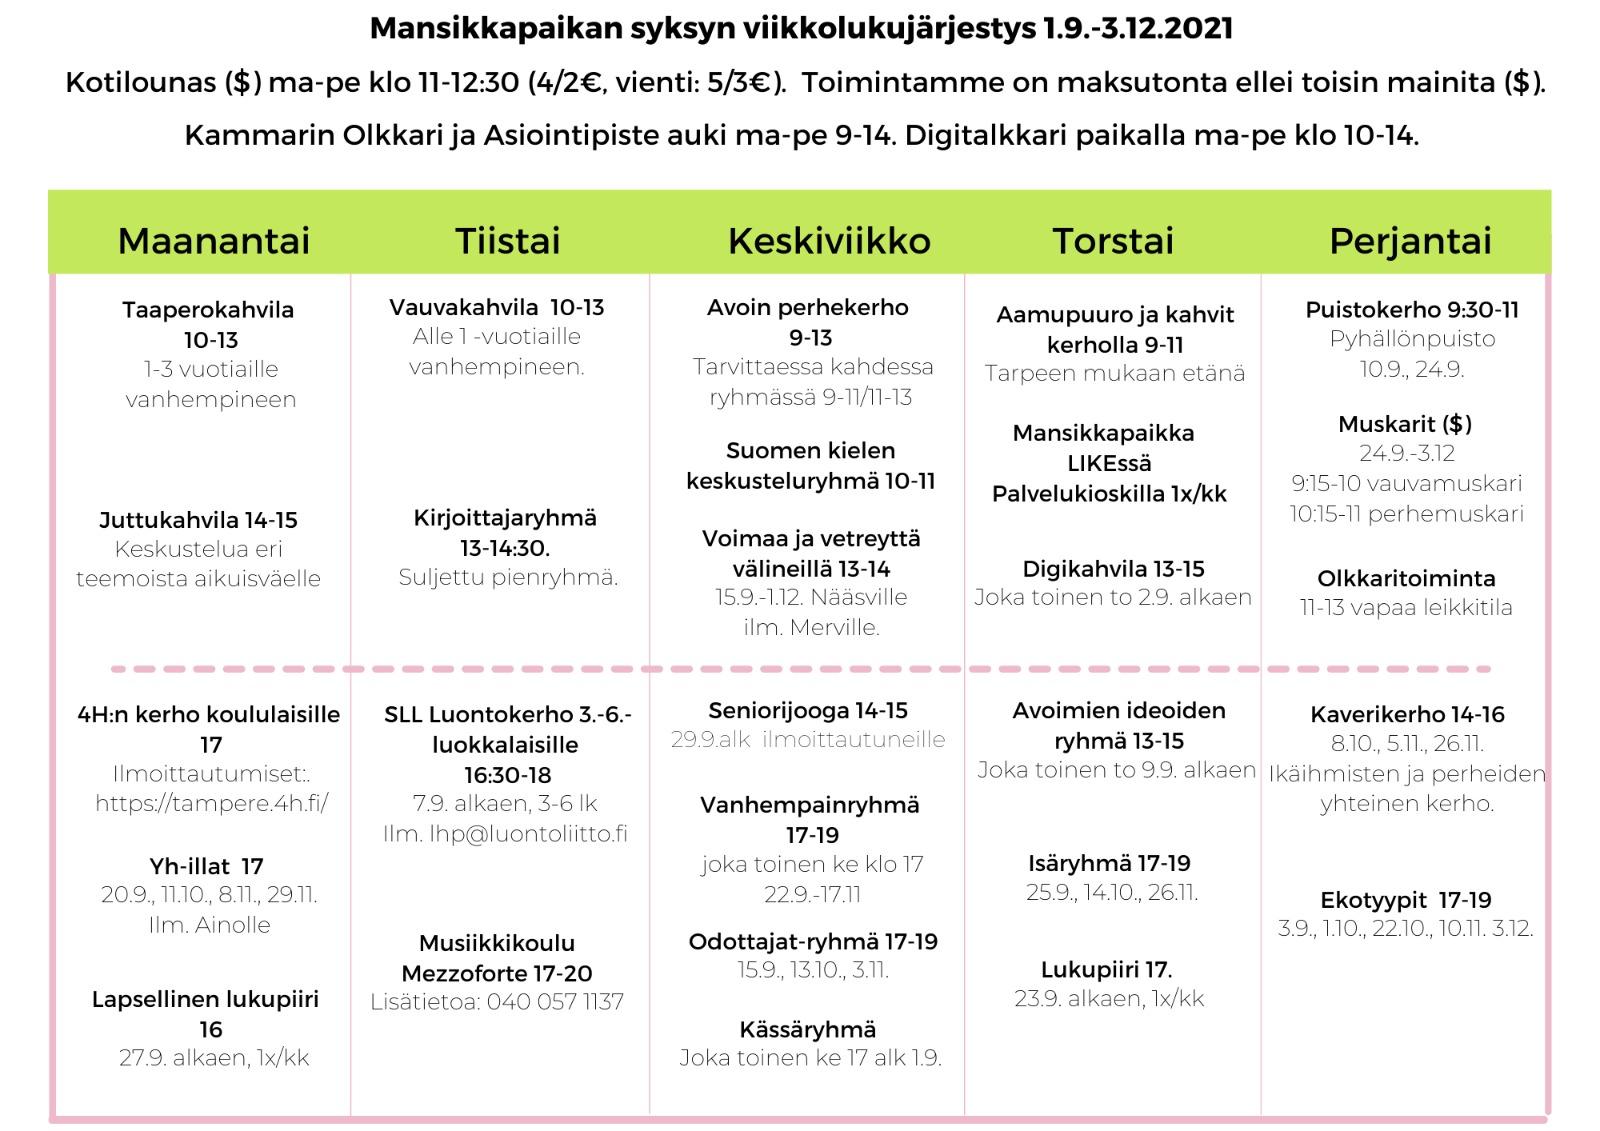 Mansikkapaikan Viikkolukujärjestys 1.9.-3.12.2021. Kotilounas ma-pe 11-12:30 (4€/2€, Vienti 5€/3€). Toimintamme on maksutonta ellei toisin mainita. Kammarin Olkkari ja Asiointi piste auki ma-pe 9-14. Digitalkkari paikalla ma-pe 10-14. Maanantai: Taaperokahvila 10:00-13:00 1-3 vuotiaille vanhempineen. Juttukahvila 14:00-15:00 Aikuisväelle. 4H:n kerho koululaisille 17:00. YH-illat 17:00 20.9.,11.10.,8.11.,29.11. ilmoittautuneille. Lapsellinen lukupiiri 16:00 27.9. alkaen kuukausittain. Tiistai: Vauvakahvila 10-13 Alle 1-vuotiaille vanhempineen. Kirjoittajaryhmä 13-14:30 Suljettu pienryhmä. SLL luontokerho 3.-6. luokkalaisille 16:30-18:00. Musiikkikoulu Mezzoforte 17-20 (erillinen maksu) Lisätietoja 0400571137. Keskiviikko: Avoin perhekerho 9-13. Suomen kielen keskusteluryhmä naisille 10-11.